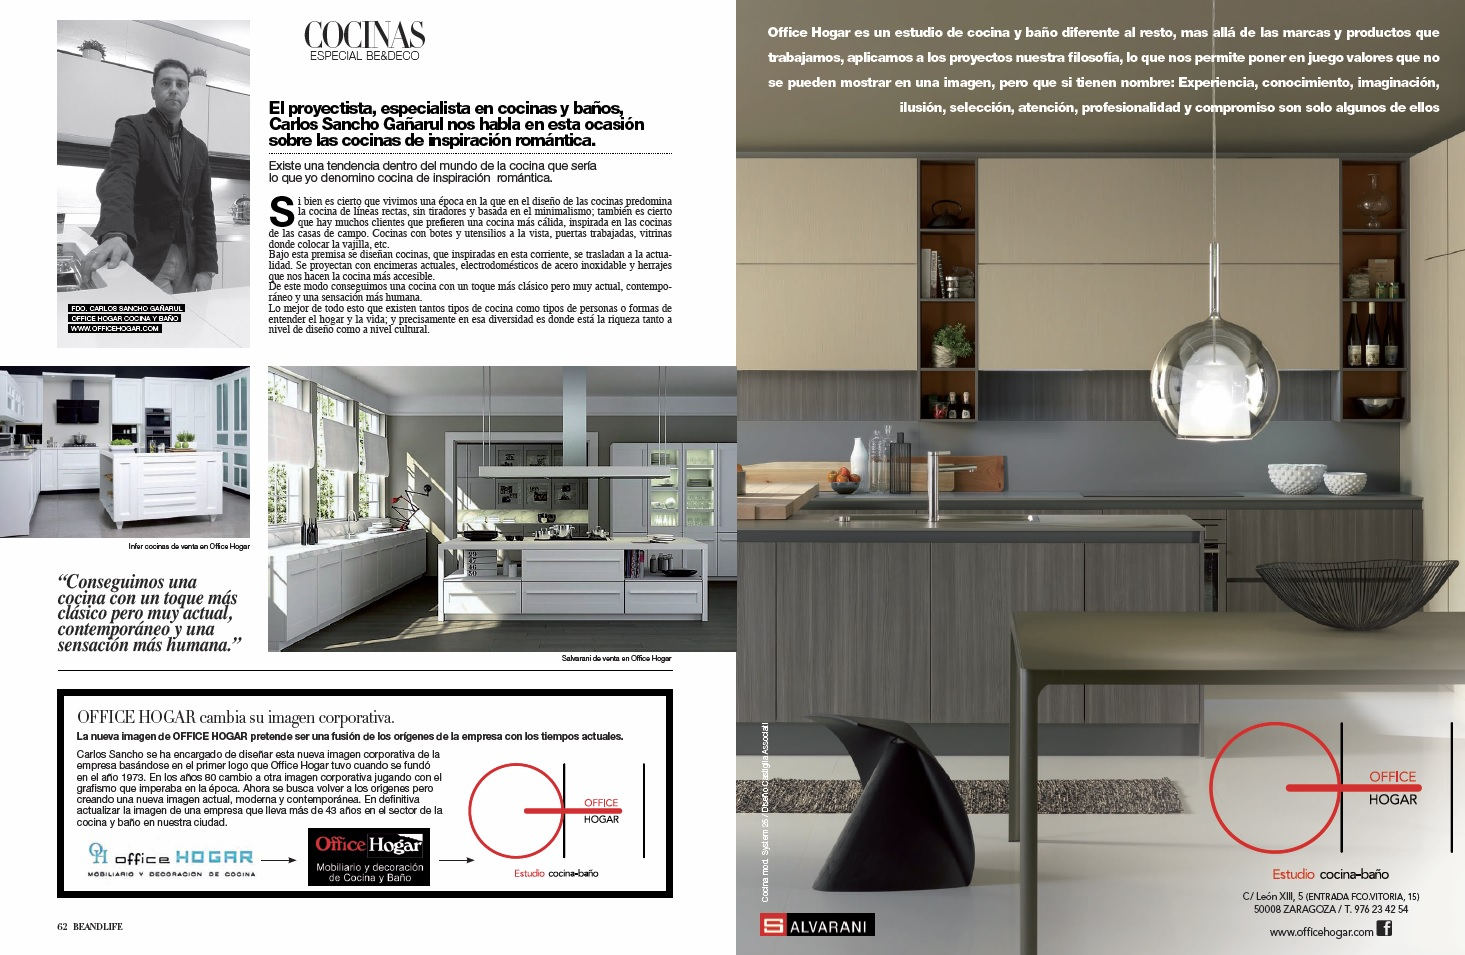 Office Hogar | Artículo revista Beandlife nº85 por Carlos Sancho